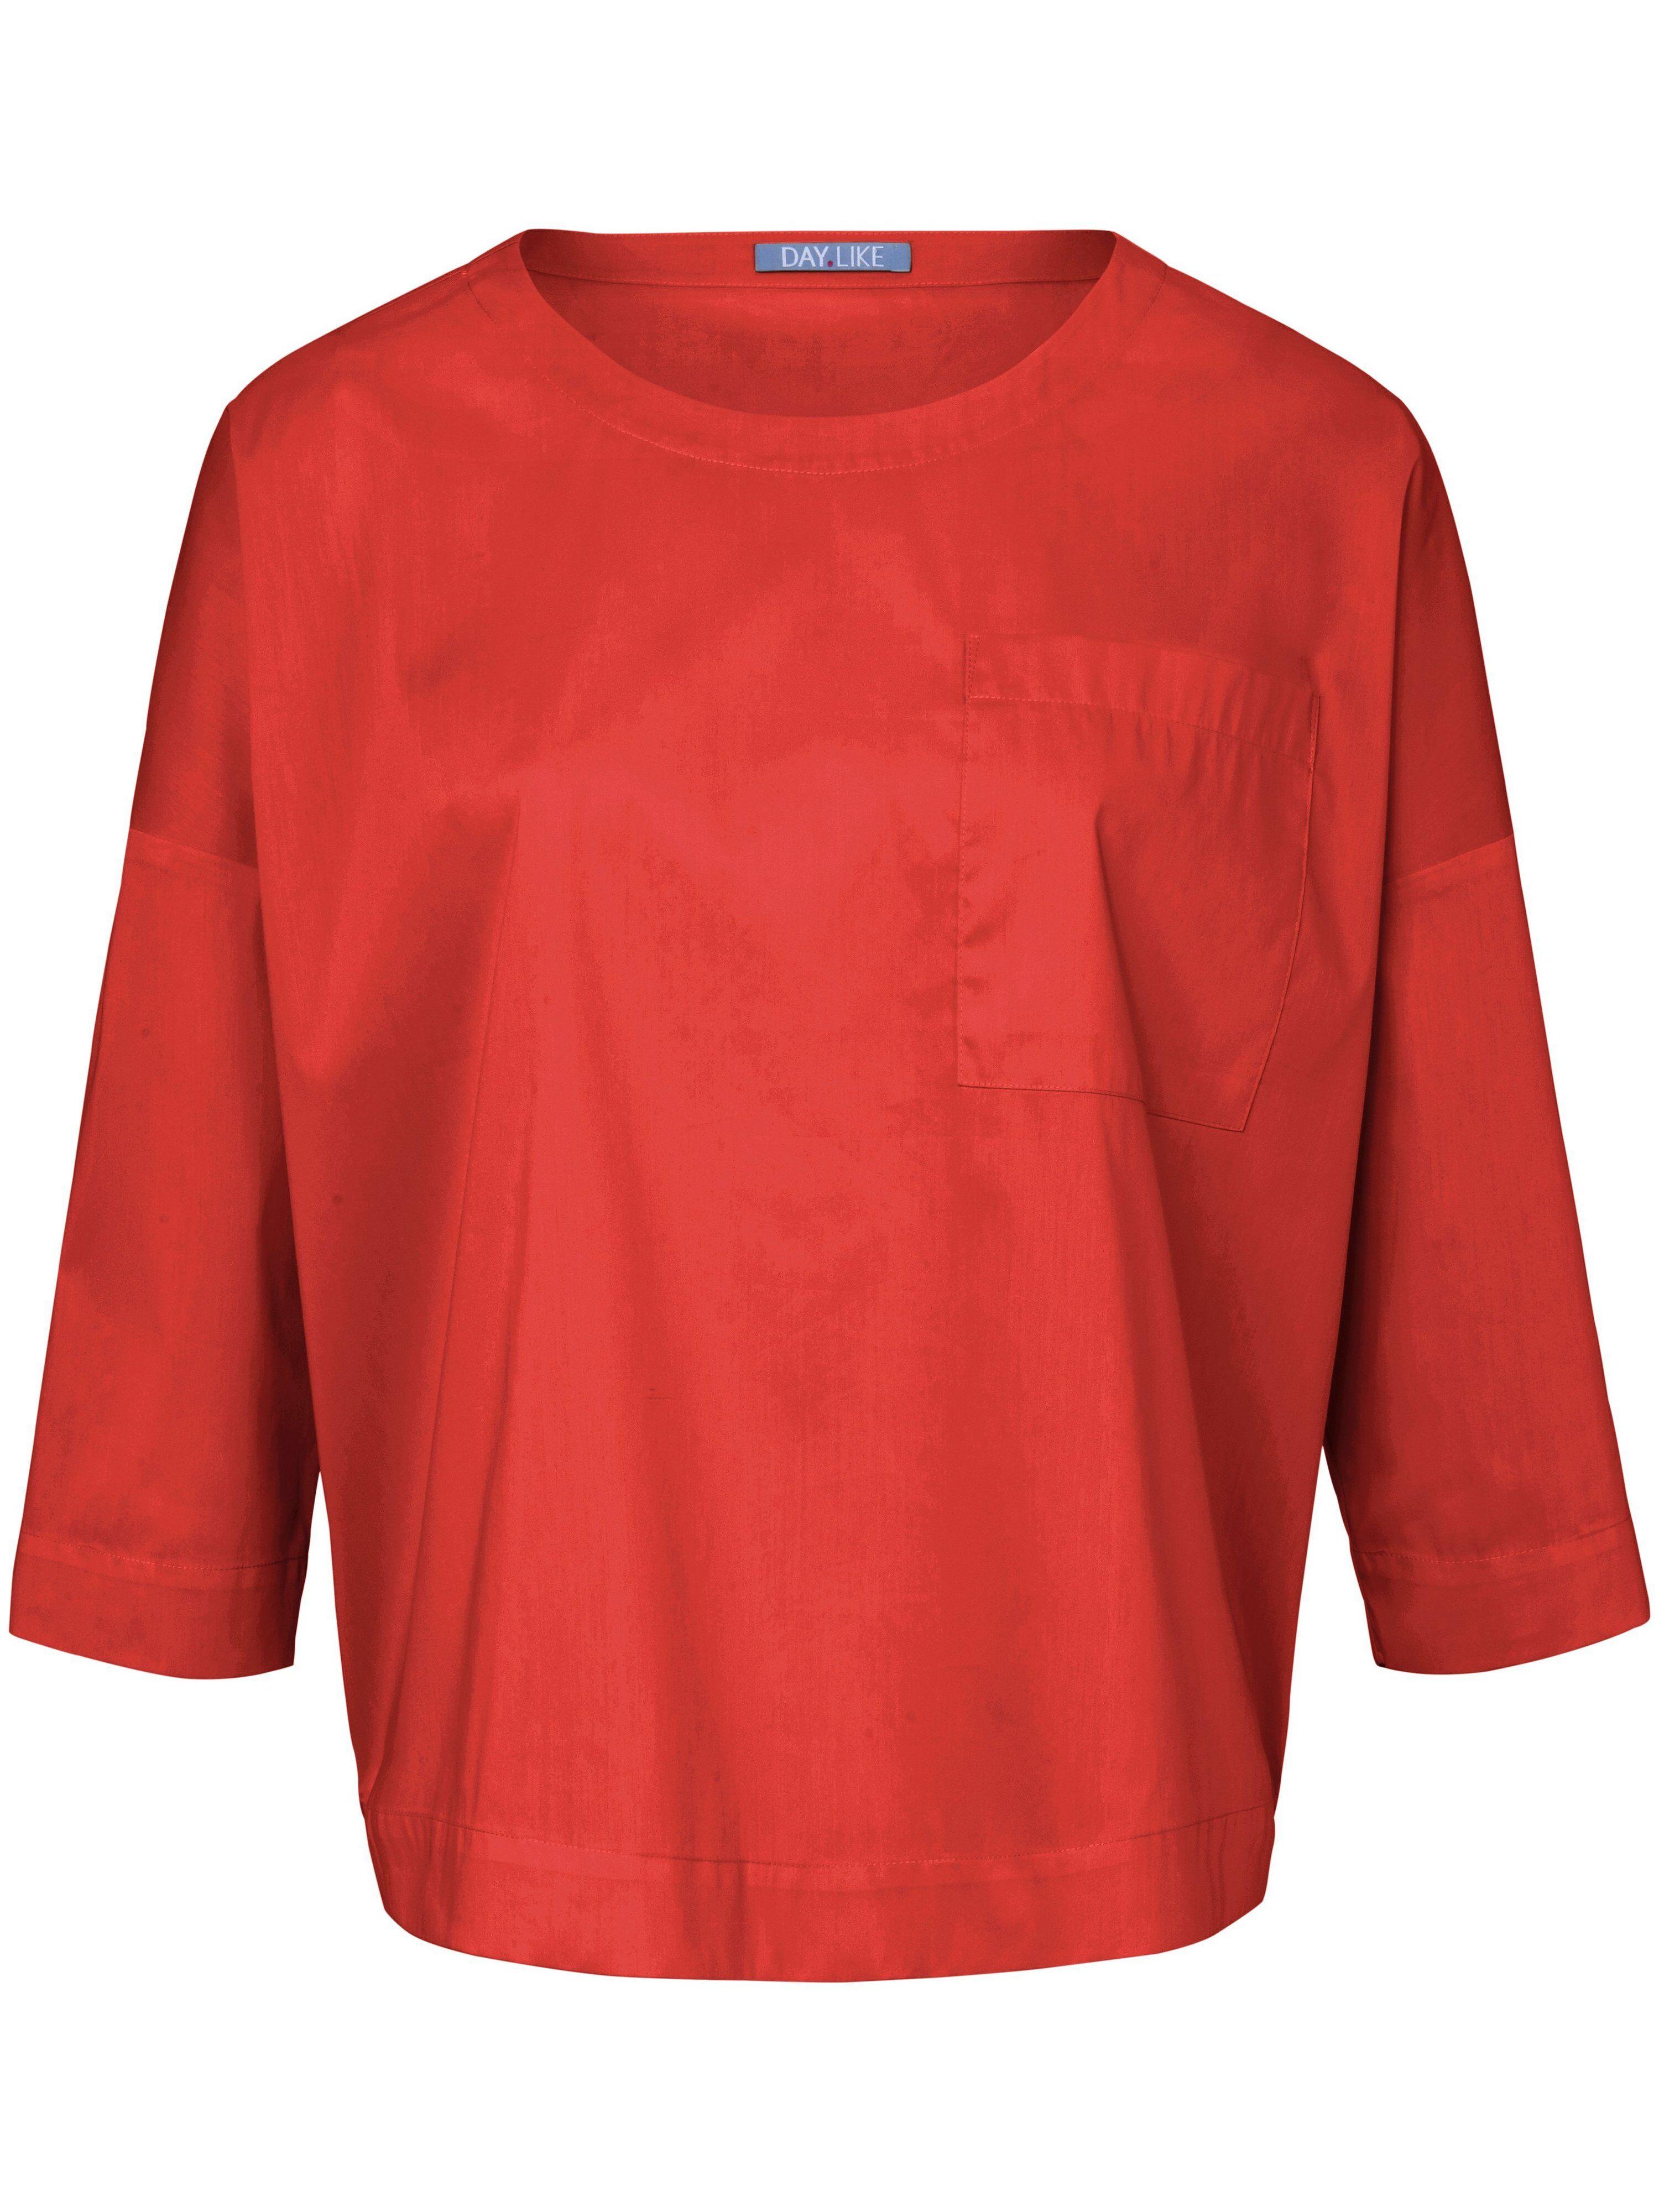 DAY.LIKE Le T-shirt ligne ample  DAY.LIKE orange  - Femme - 42